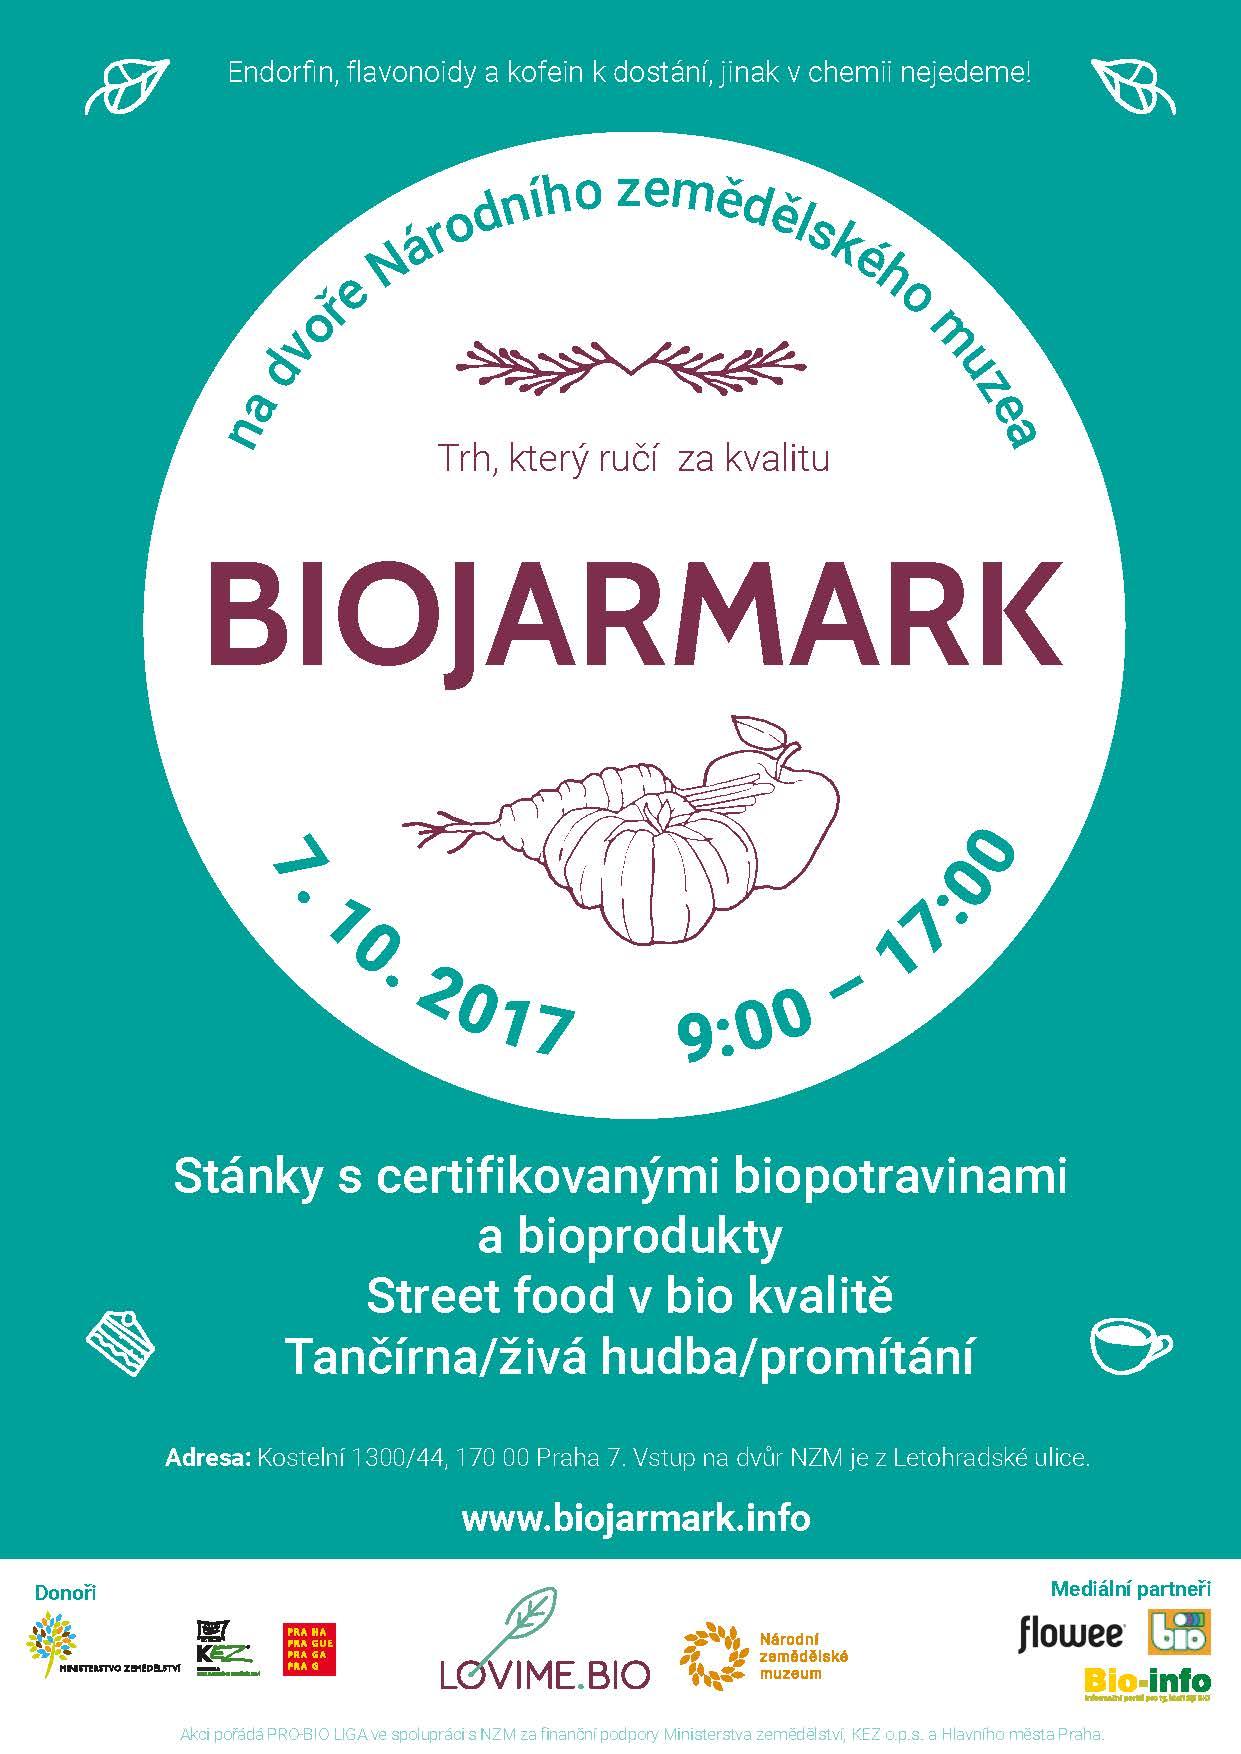 Biojarmark Praha, 7.10.2017 Národní zemědělské muzeum